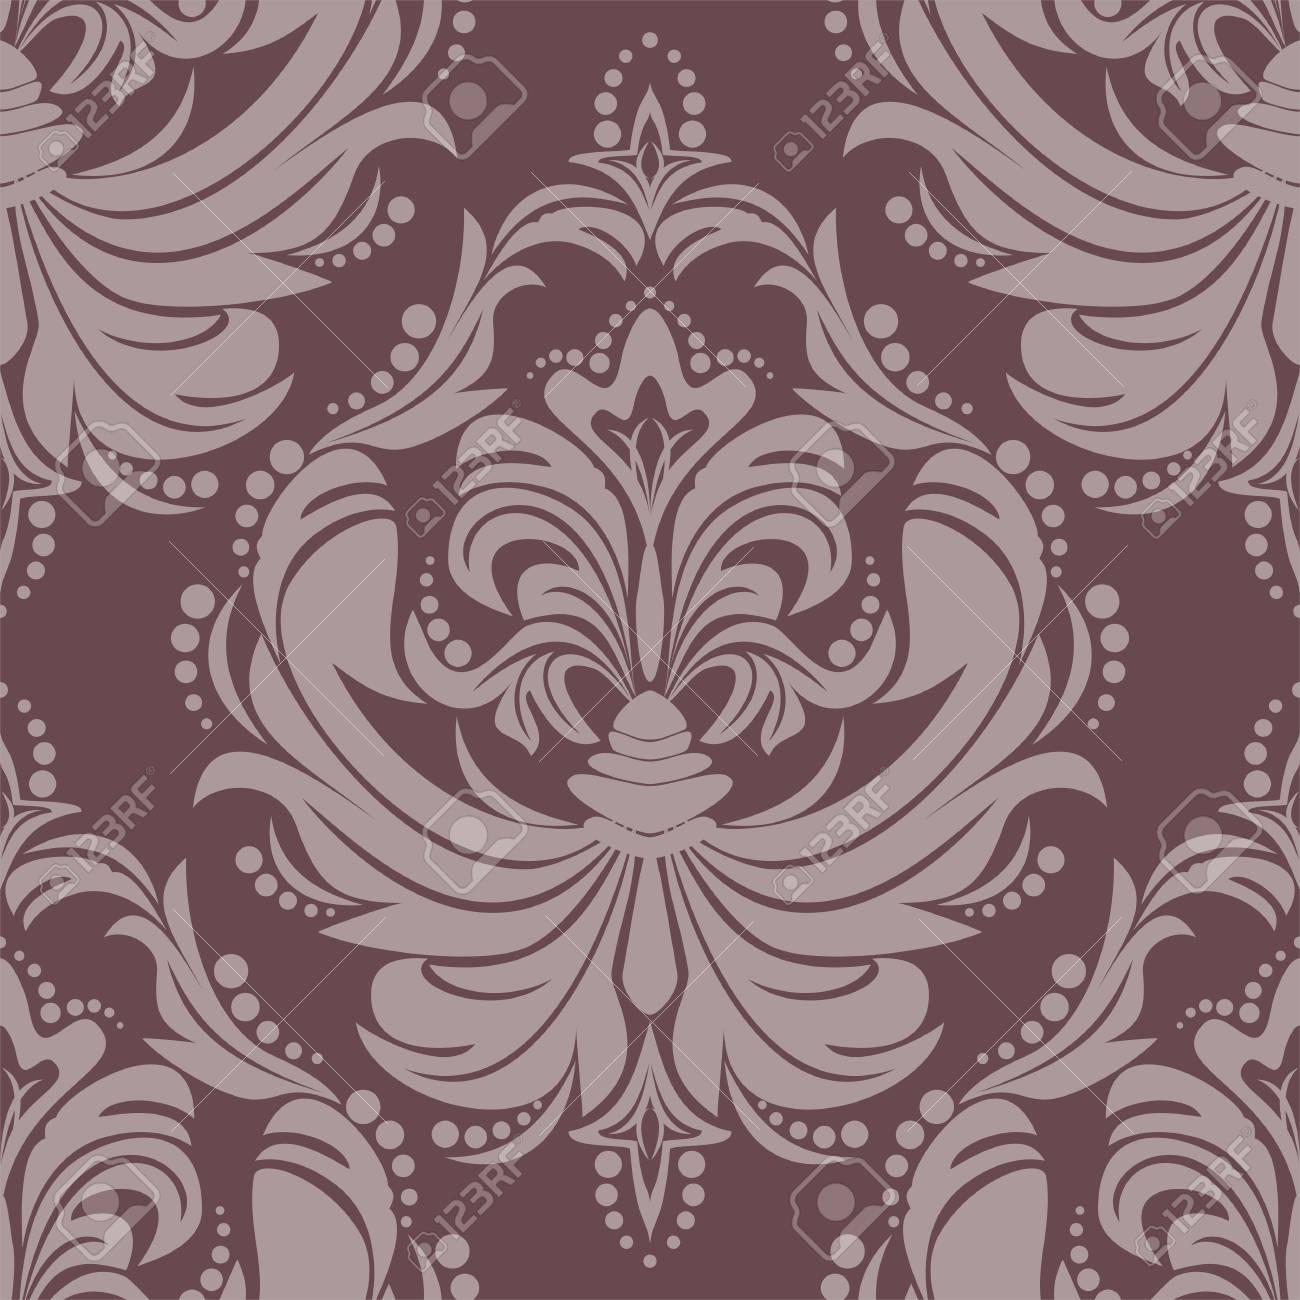 Seamlees damask floral Ornament for design - 97509751